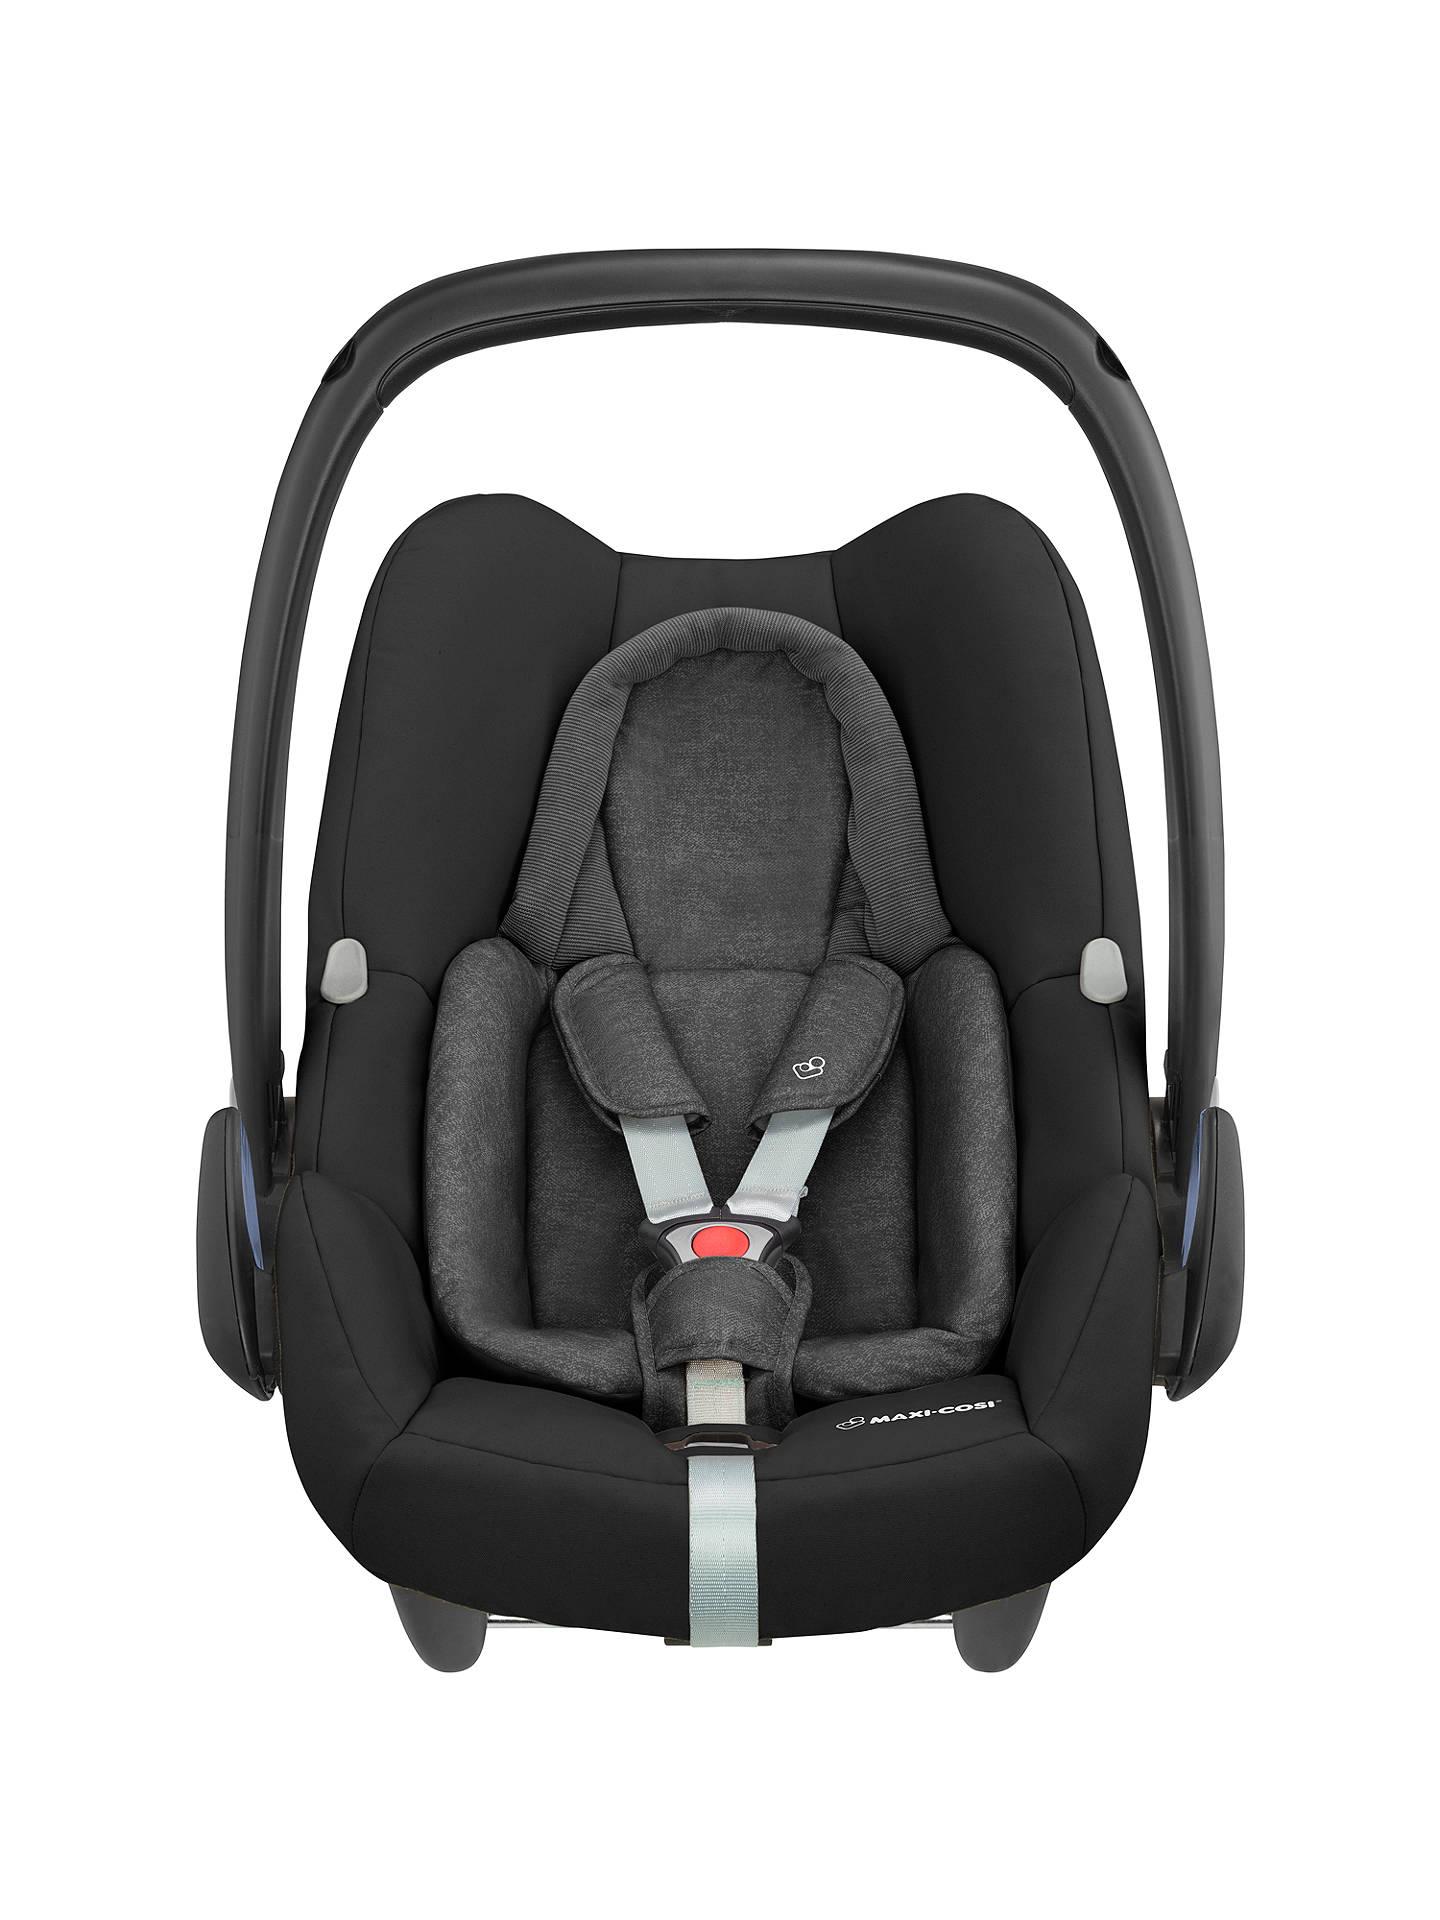 BuyMaxi Cosi Rock Group 0 I Size Baby Car Seat Nomad Black